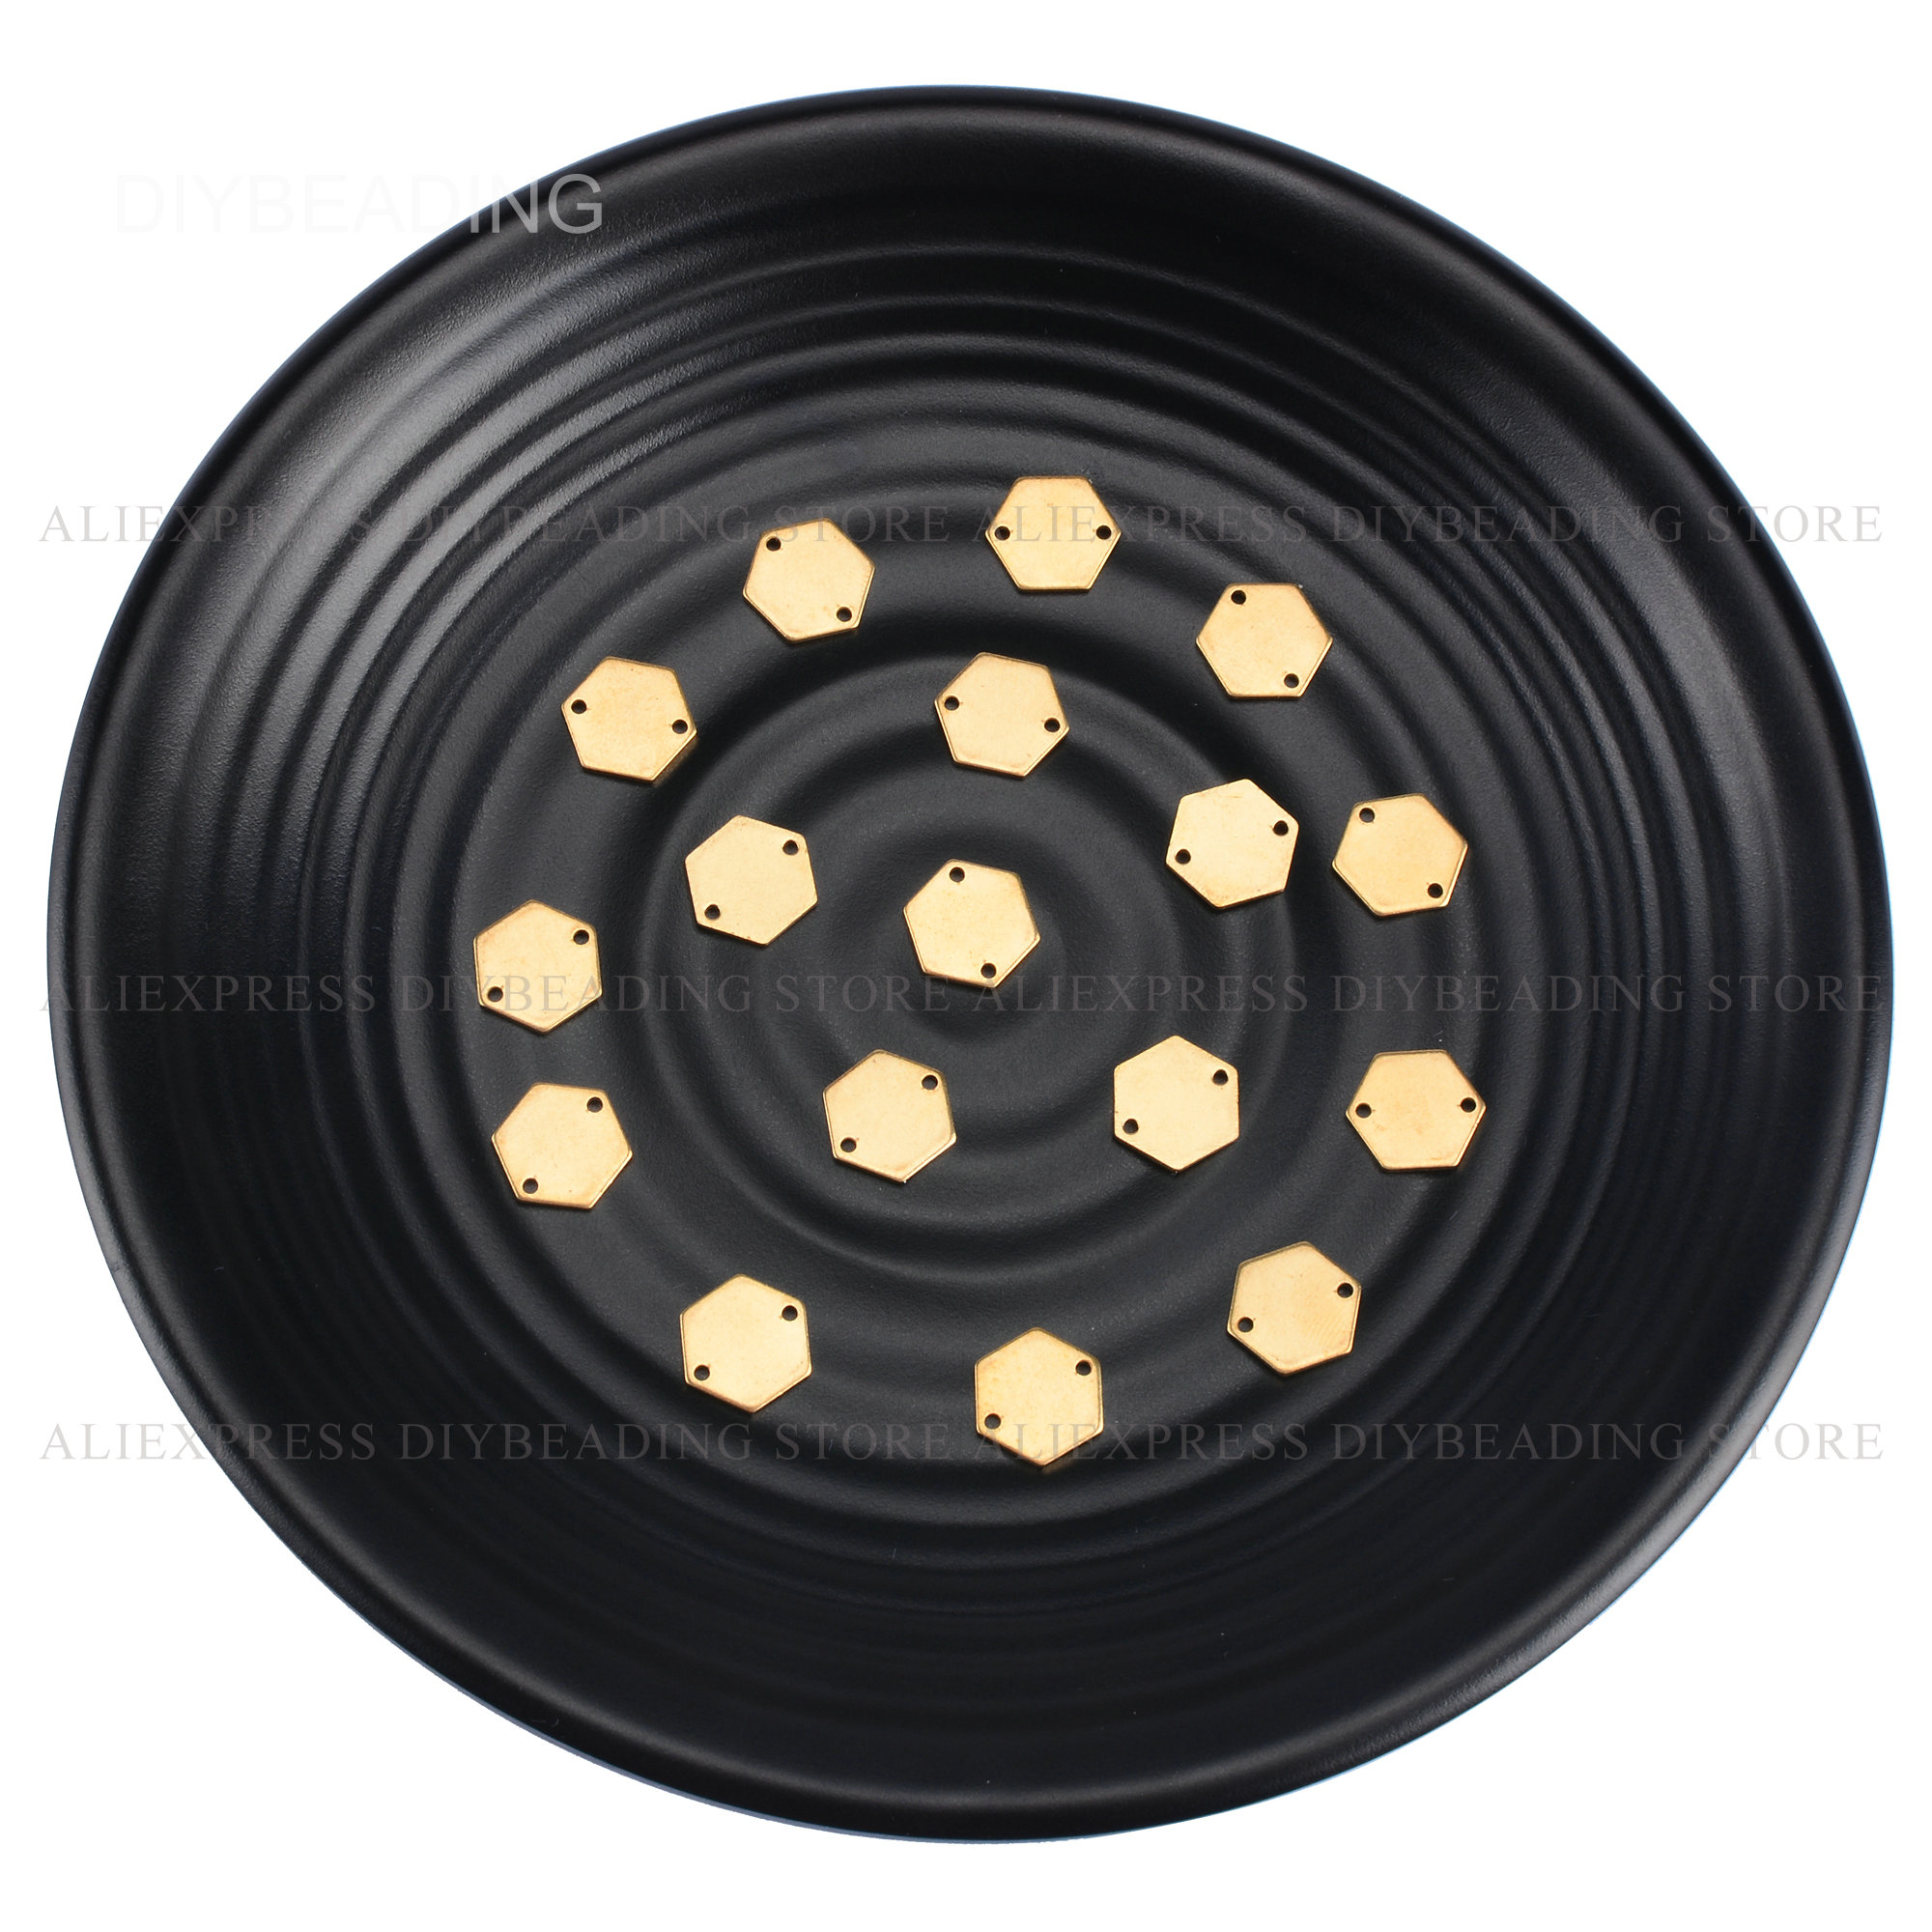 Латунная фурнитура для изготовления ювелирных изделий, 20-500 шт., маленький размер 10 мм, шестигранная Геометрическая подвеска, штамповочный к...